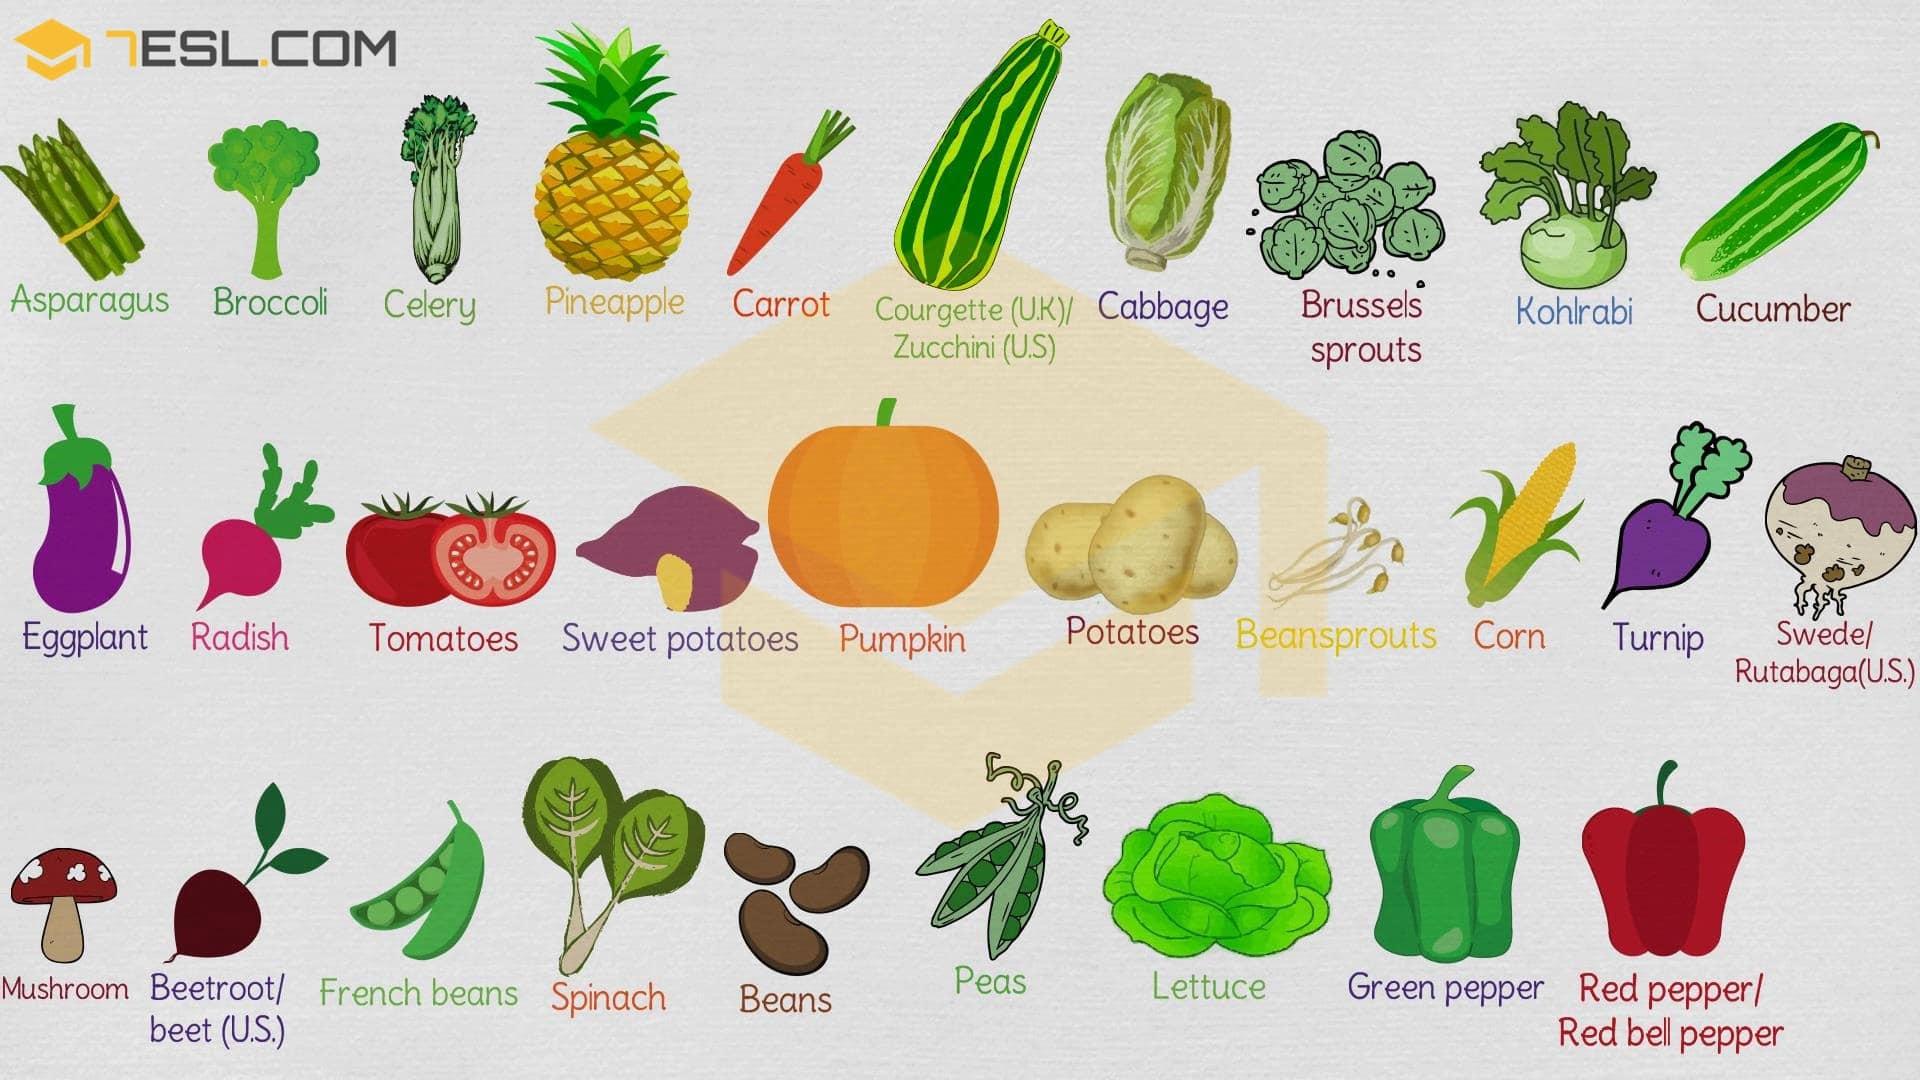 List of Vegetables | Vegetables Image 1